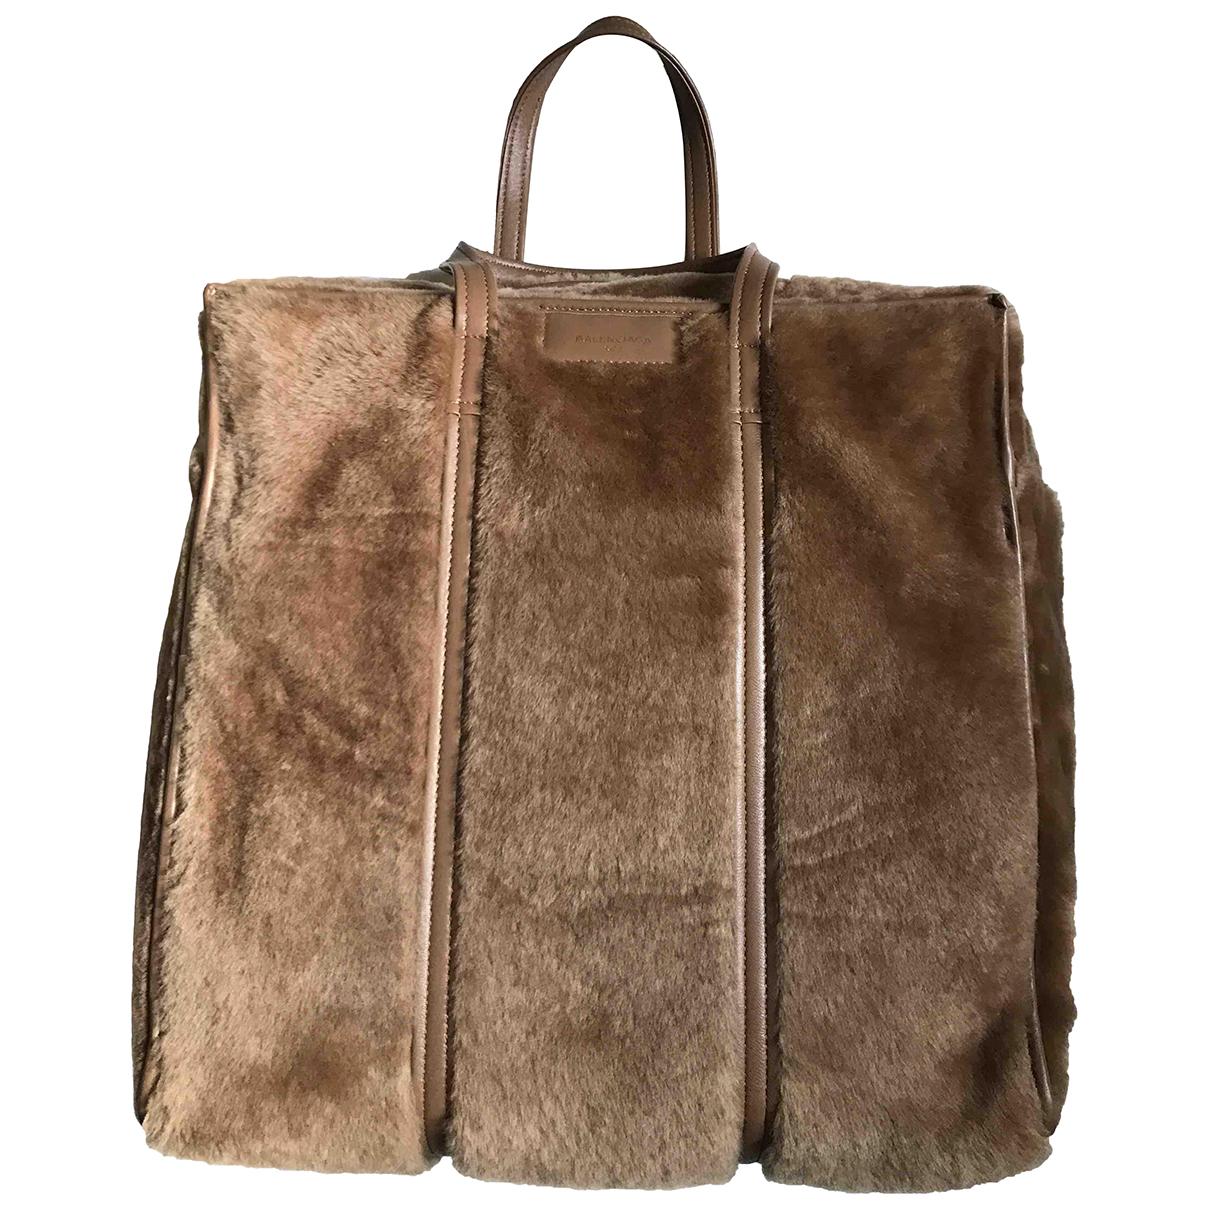 Balenciaga Bazar Bag Camel Shearling handbag for Women N